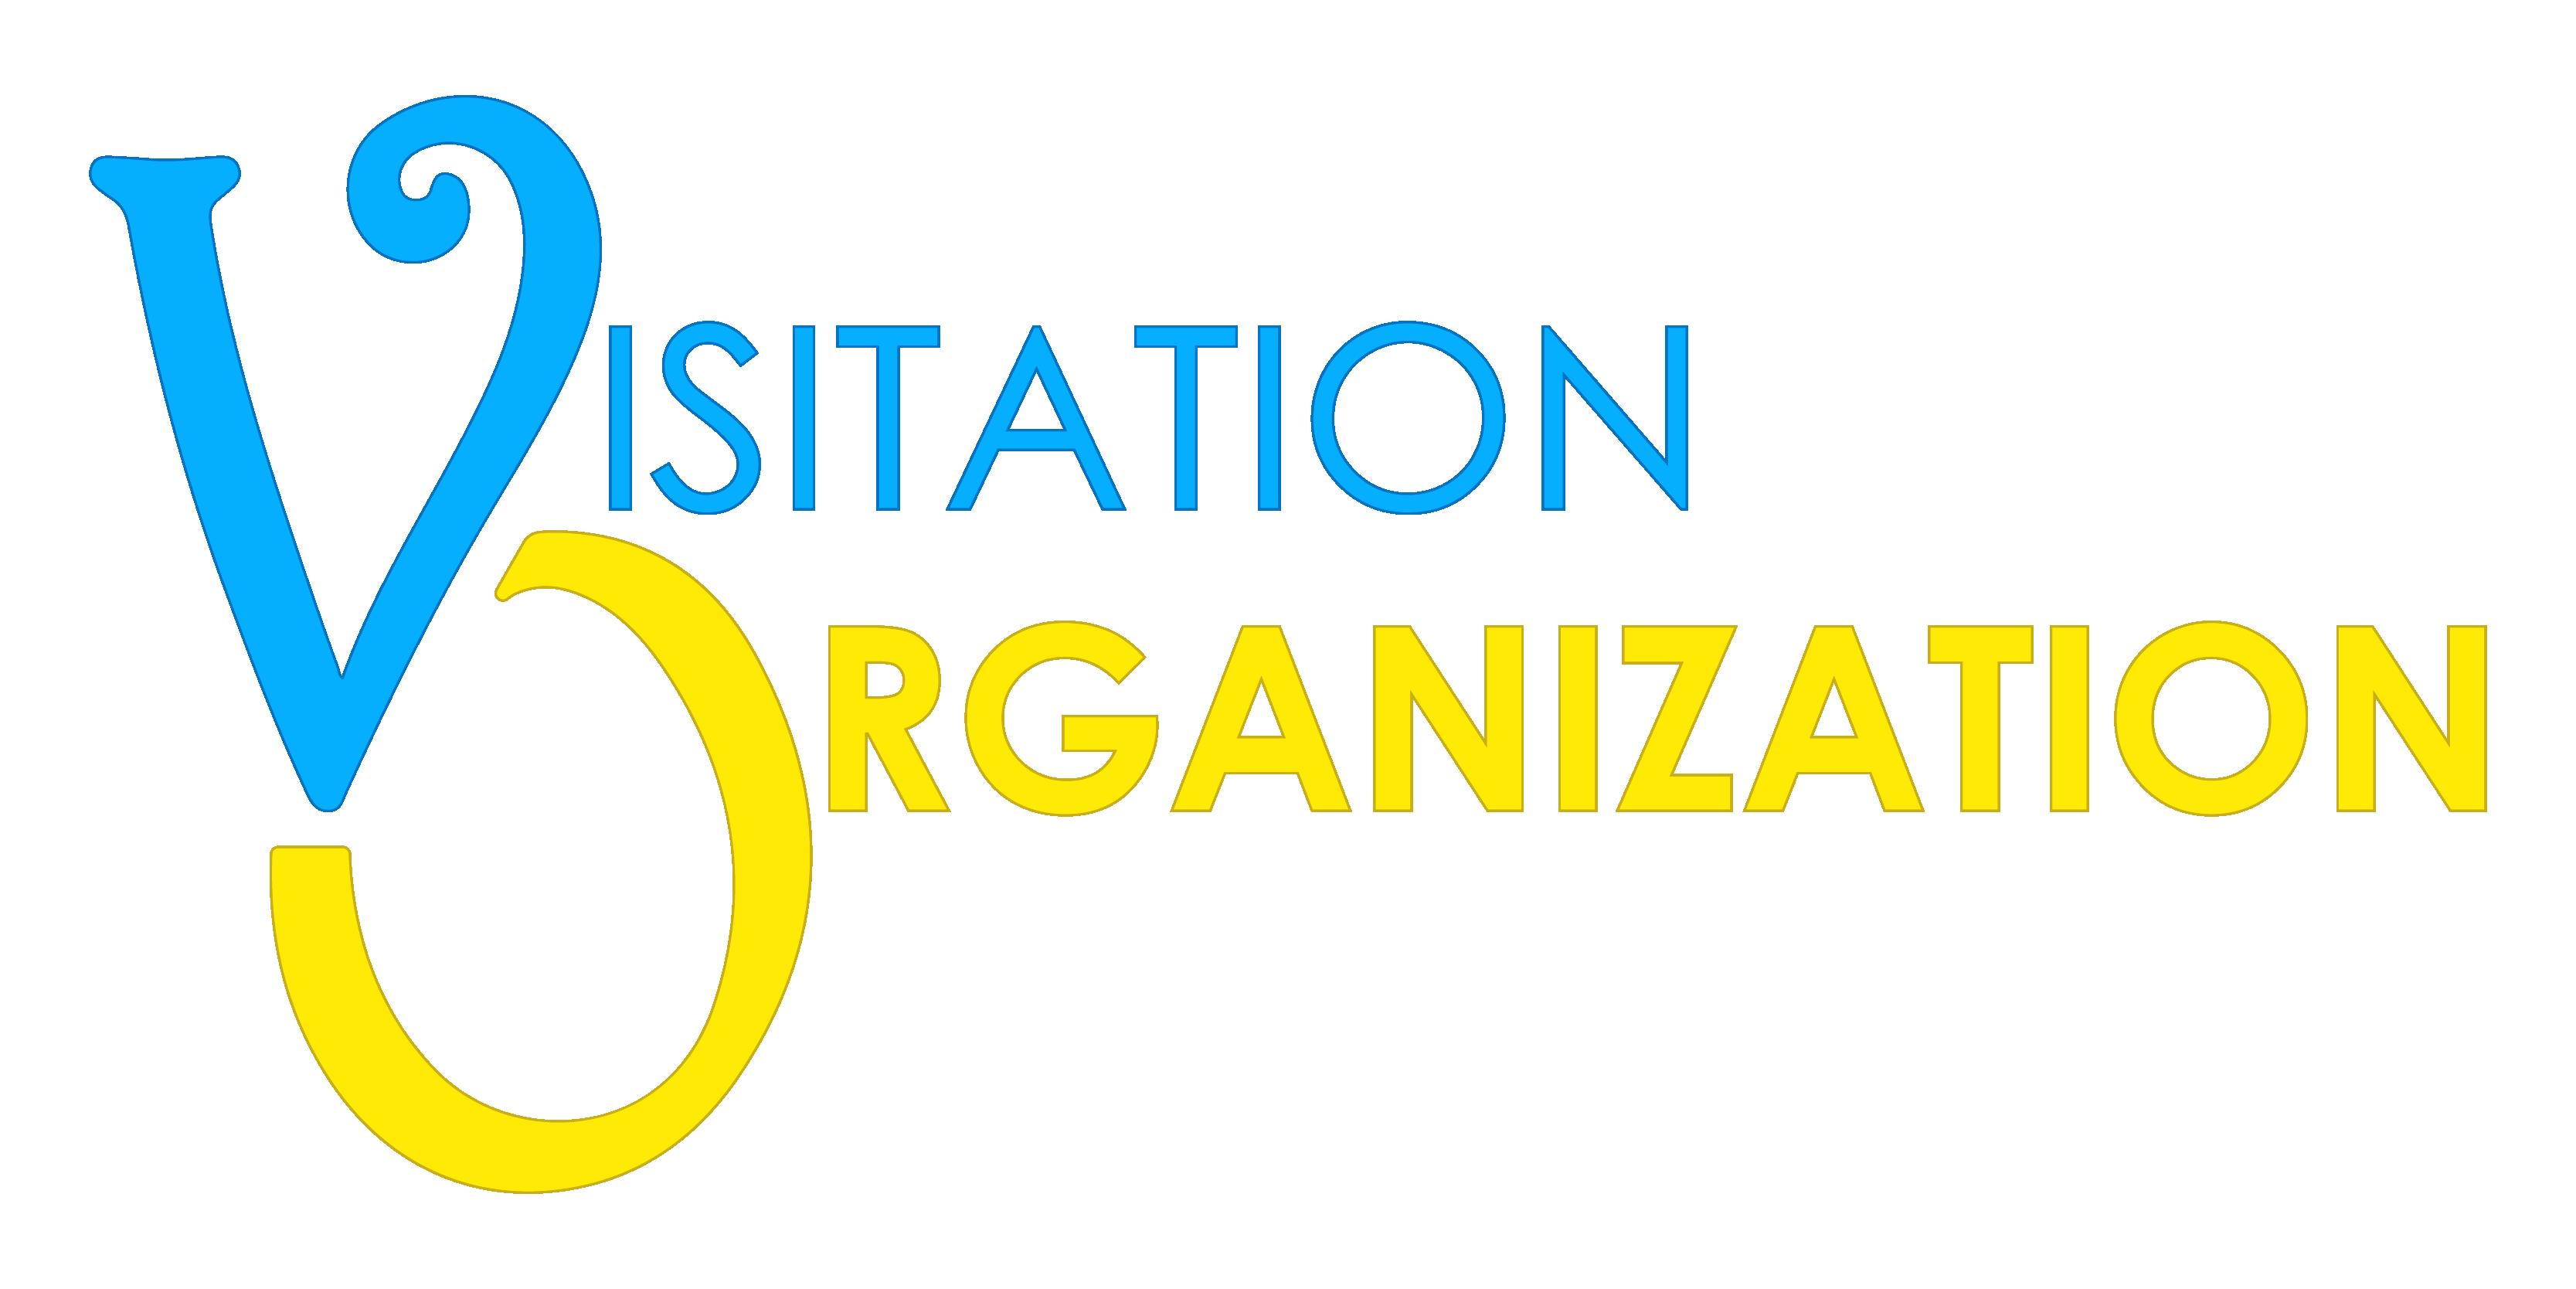 Visitation Organization